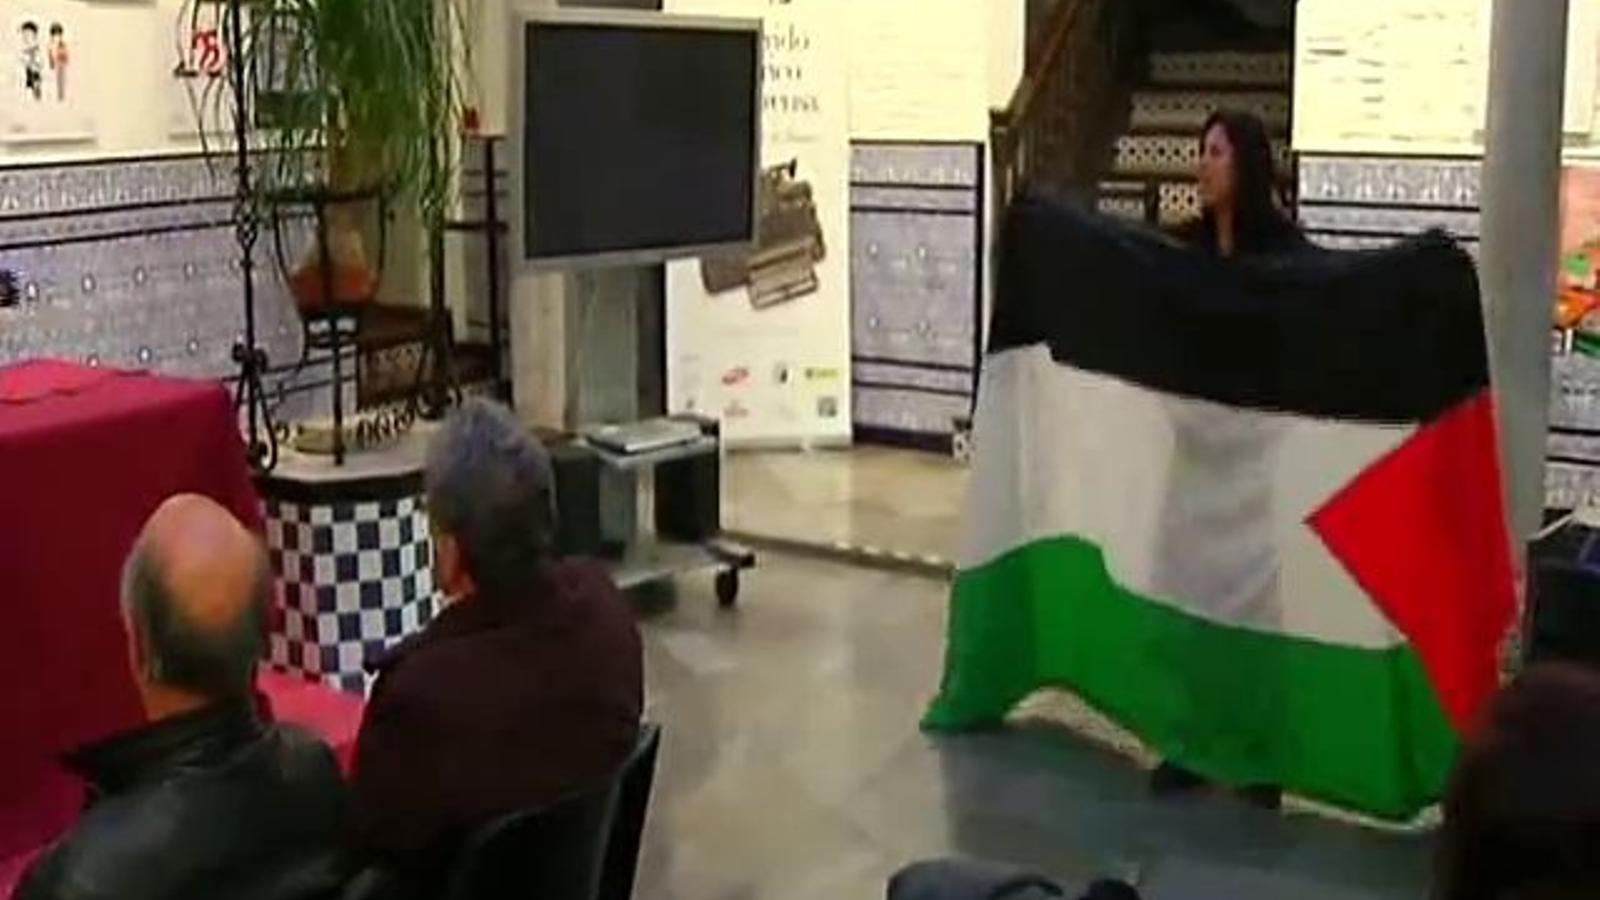 El president de l'associació de premsa de Granada amenaça amb un cinturó una activista propalestina